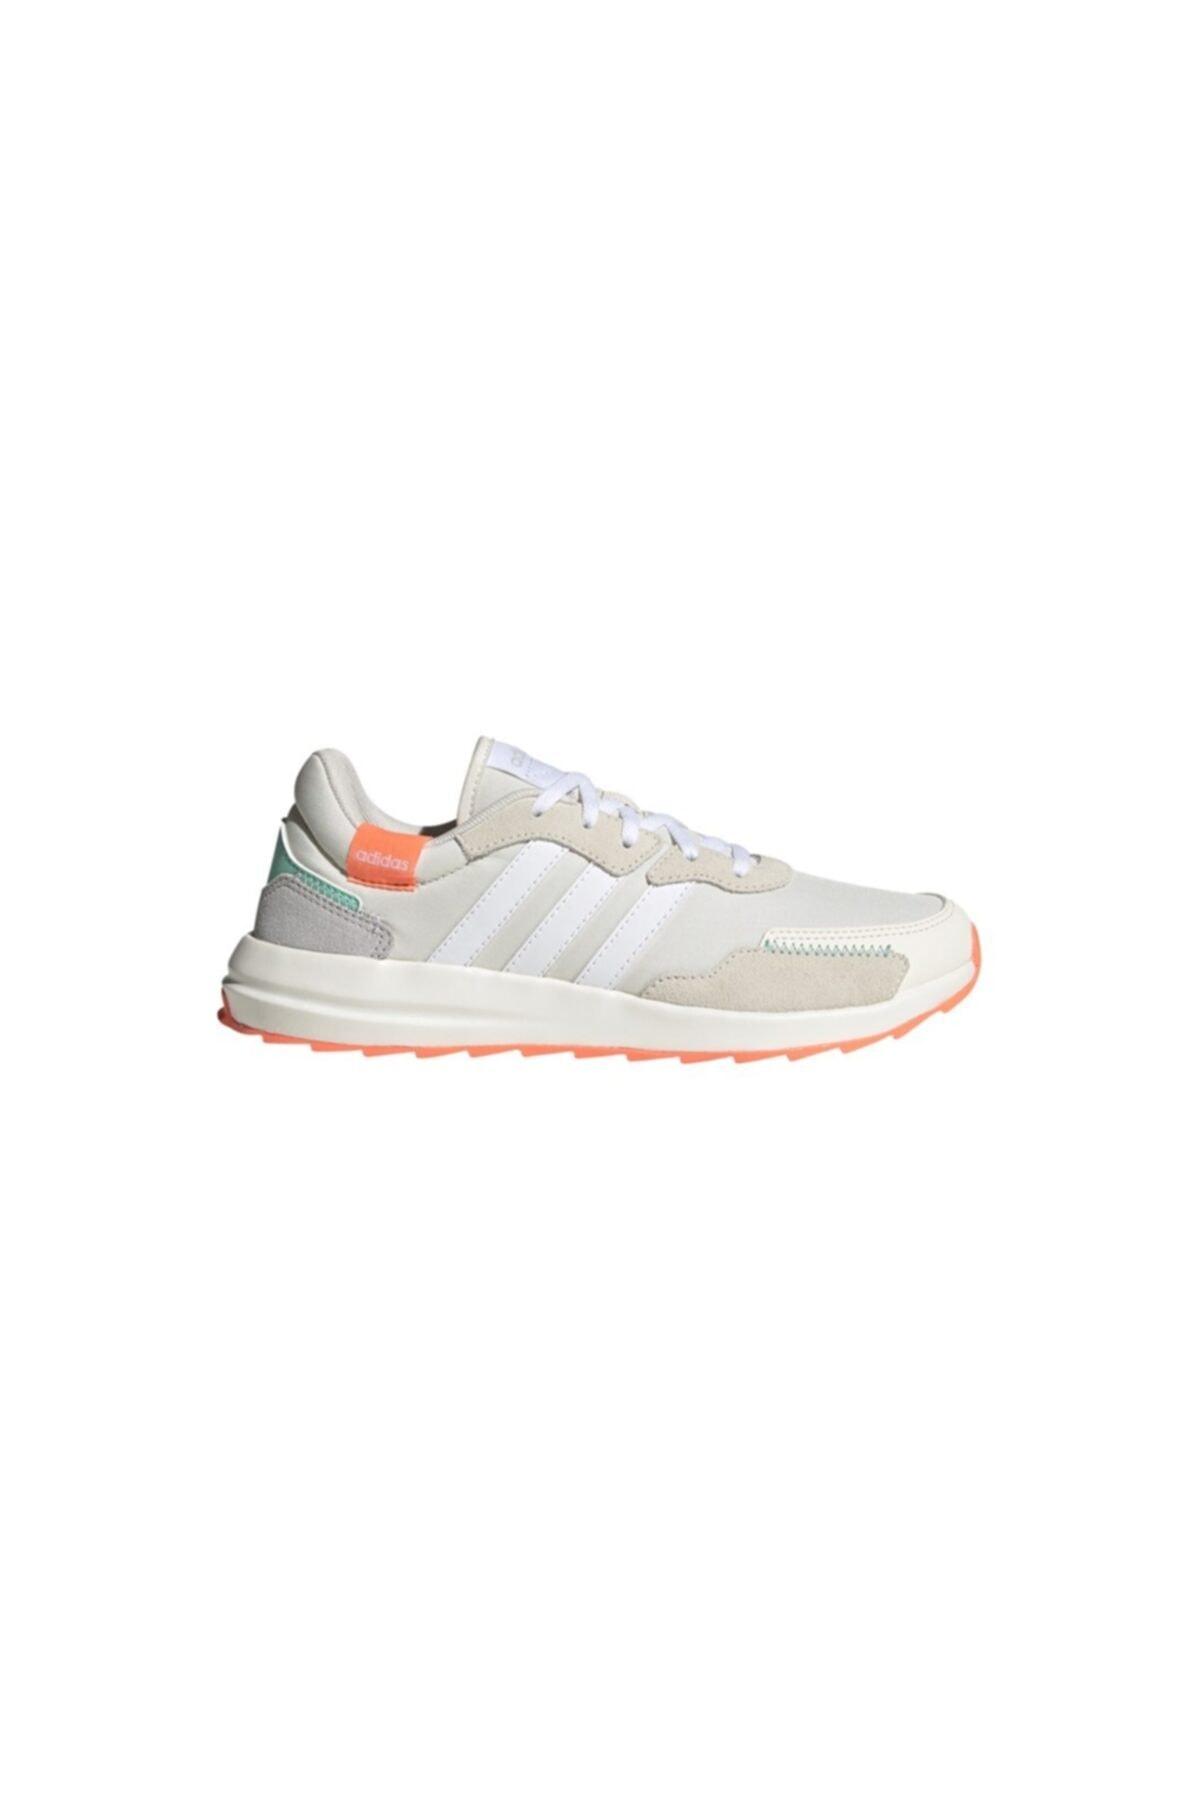 adidas Kadın Günlük Ayakkabı Retrorun 1